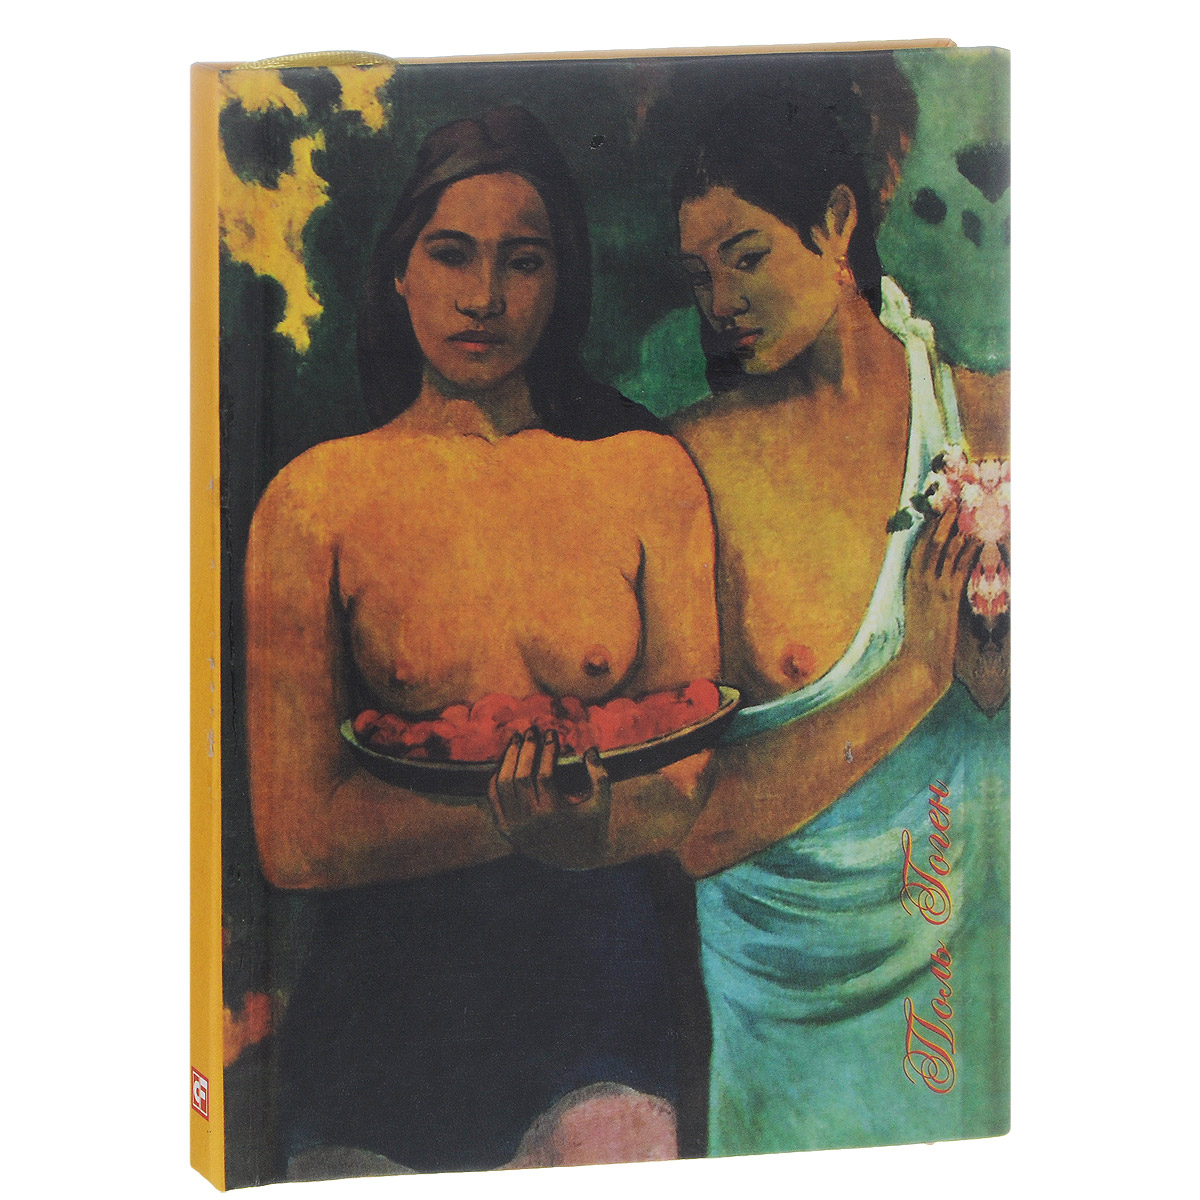 Поль Гоген. Две девушки с цветами манго. Блокнот поль феваль шевалье фортюн